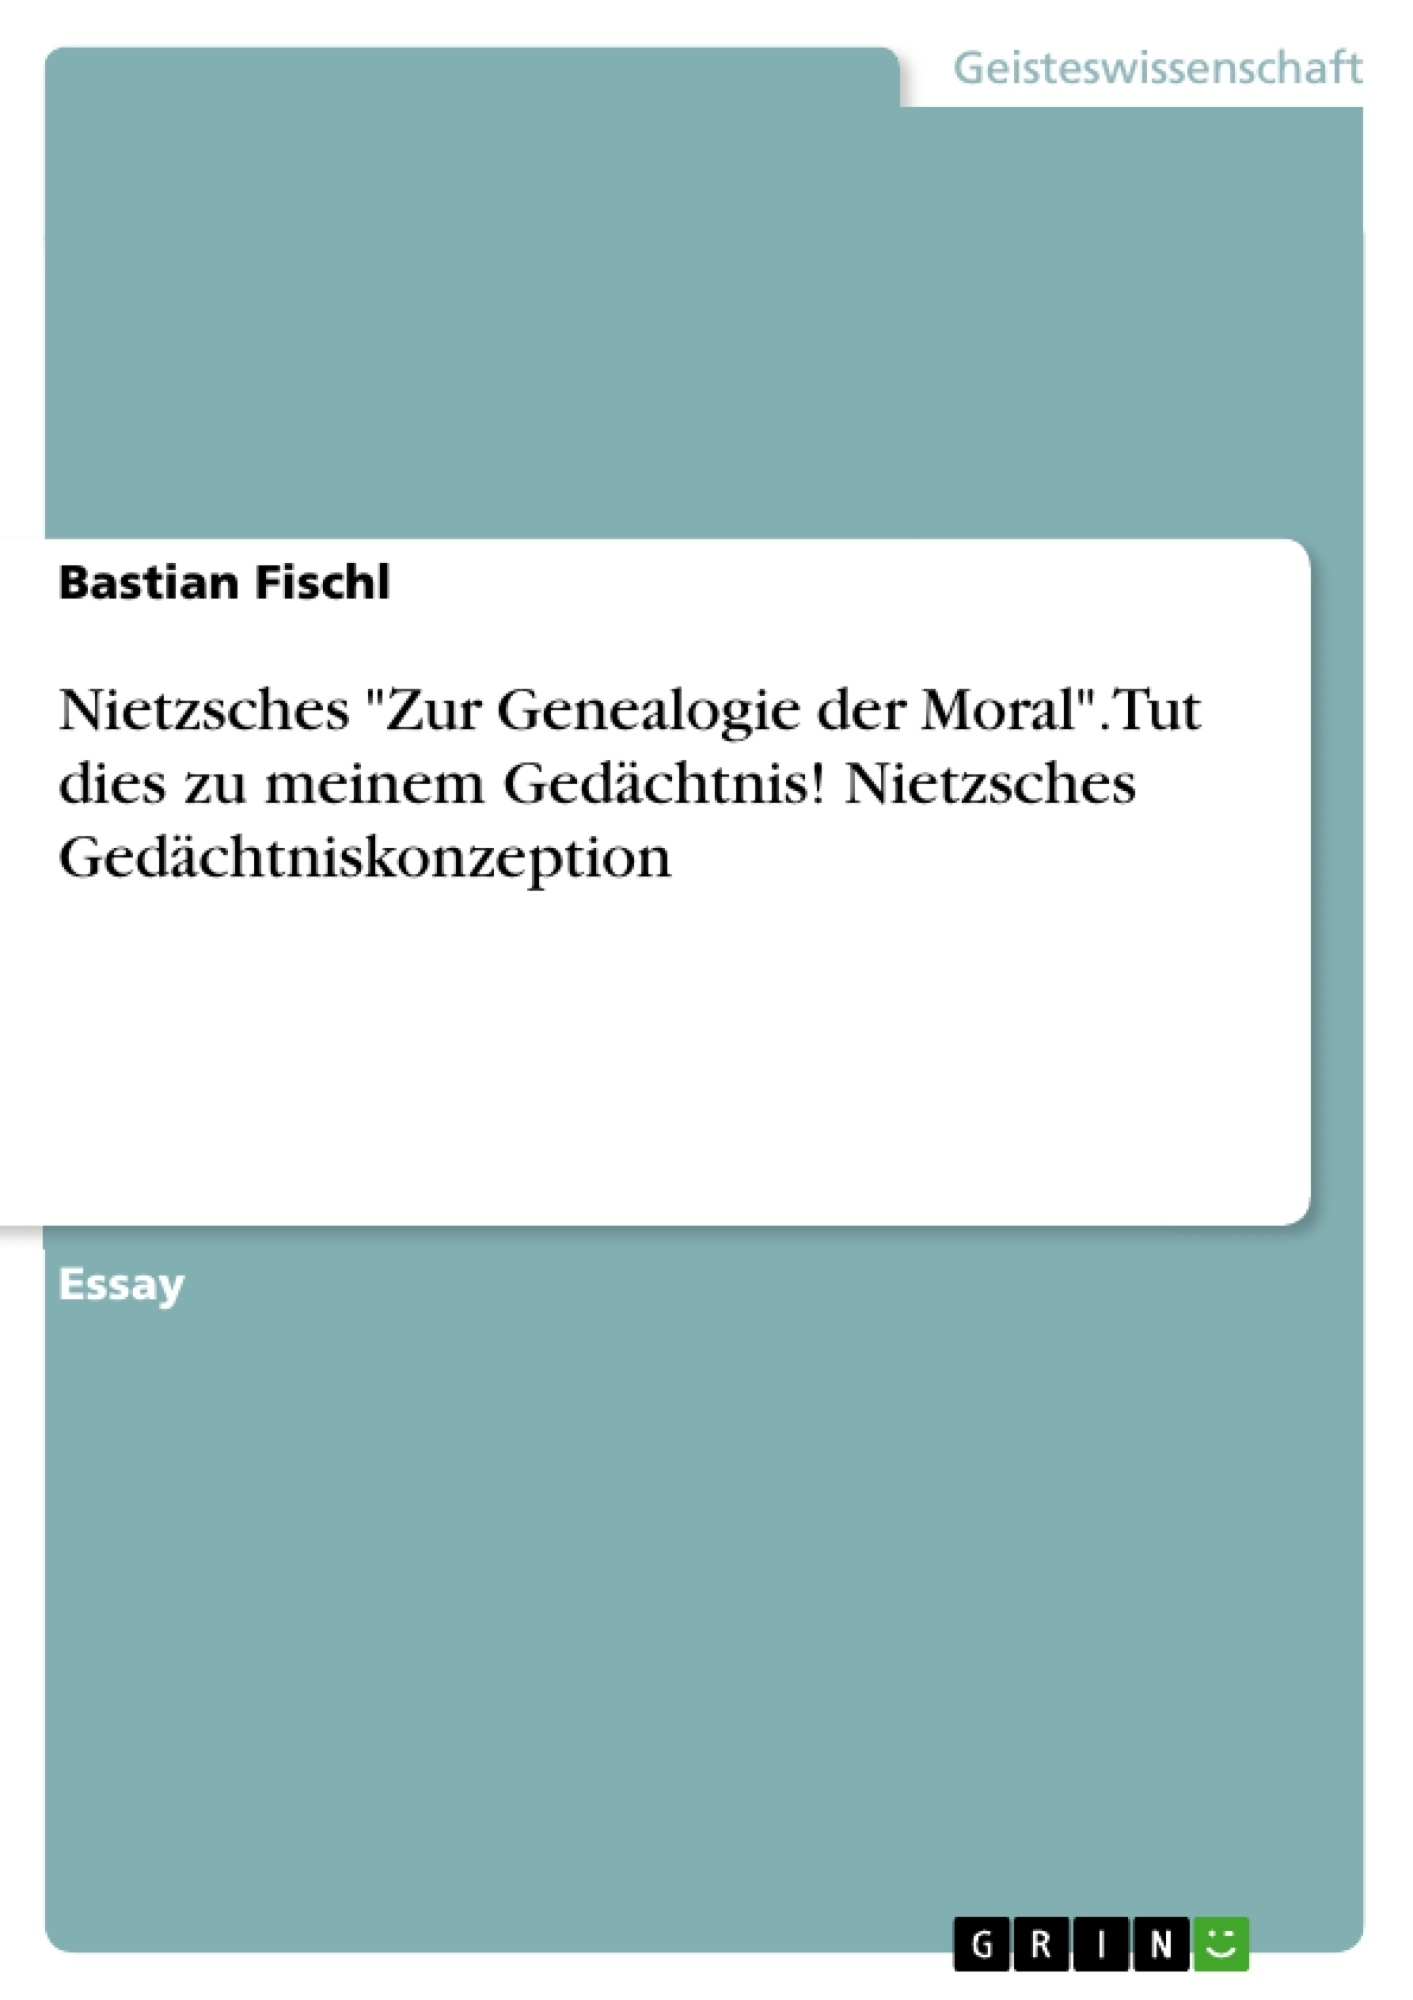 """Titel: Nietzsches """"Zur Genealogie der Moral"""". Tut dies zu meinem Gedächtnis! Nietzsches Gedächtniskonzeption"""